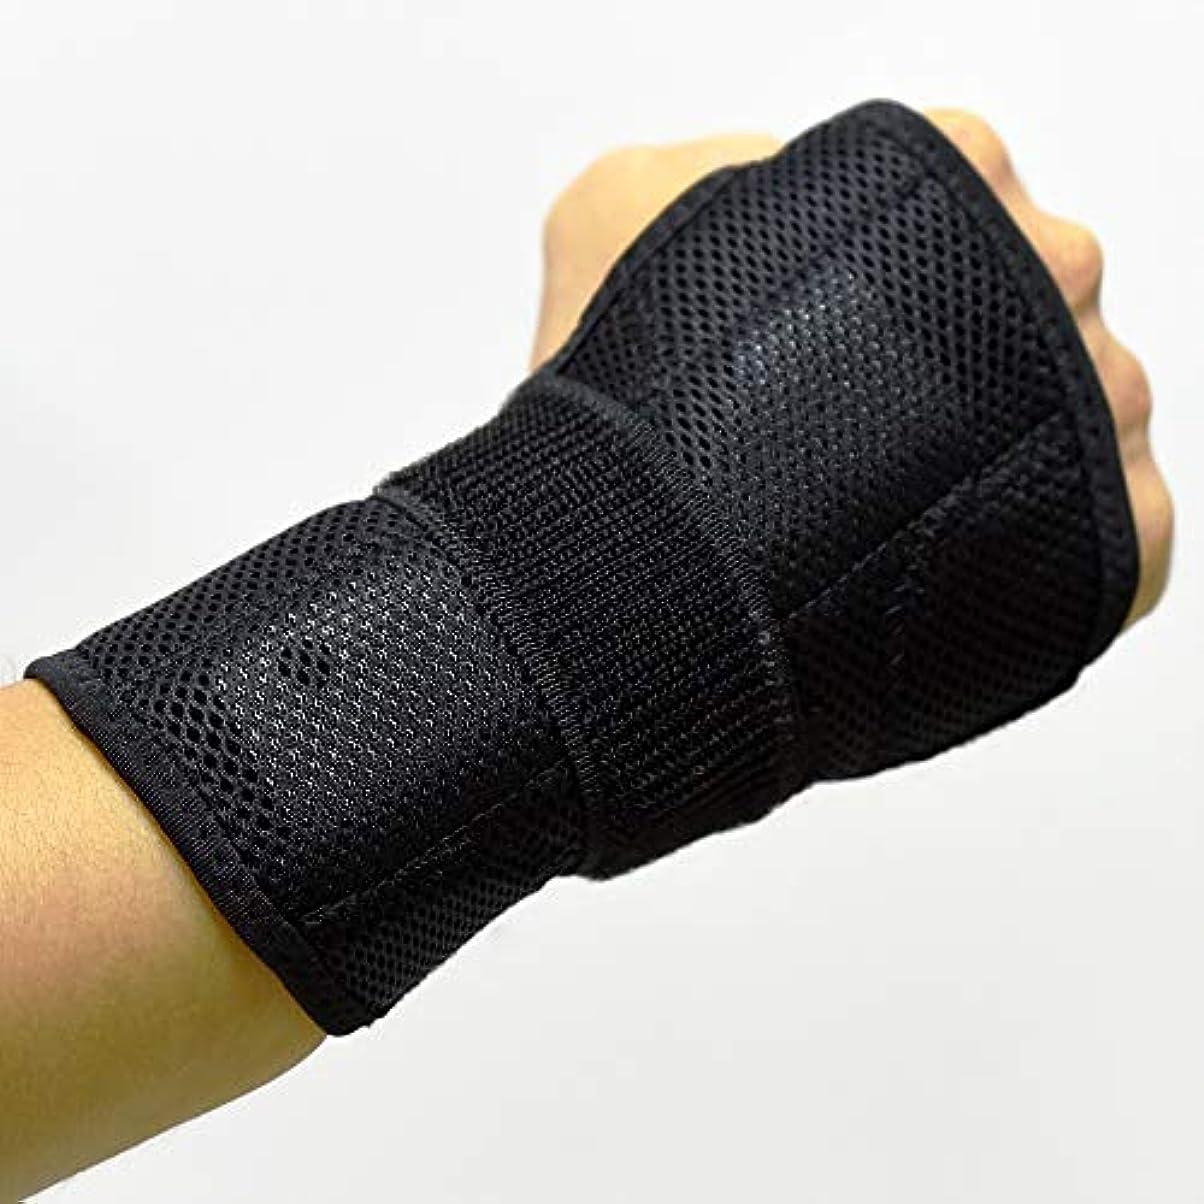 癌ディスパッチ浮く手首サポートスプリントブレース、調節可能な 手首ブレーススプリントは、怪我、スポーツ、ジム、繰り返しの緊張などに対応します デザイン,Lefthand